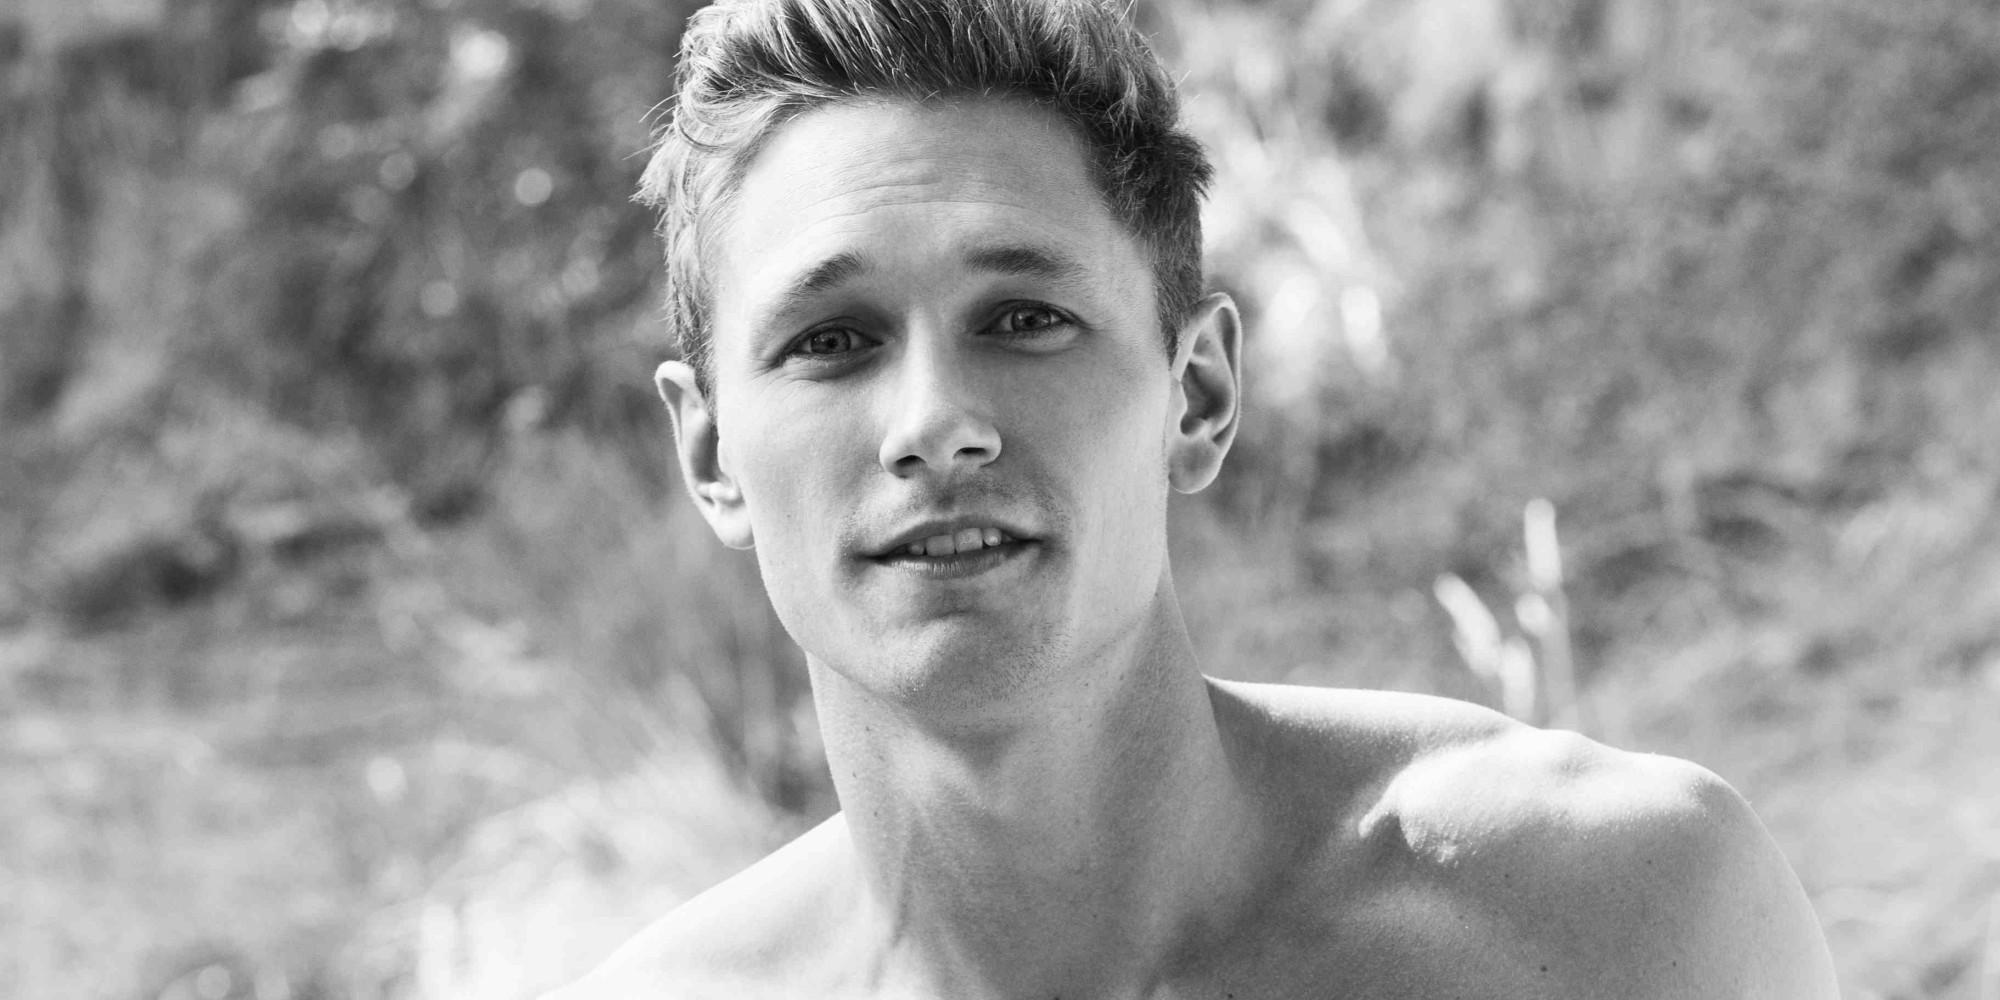 Photos mister danemark remporte le concours de mister world - Plus beaux hommes ...